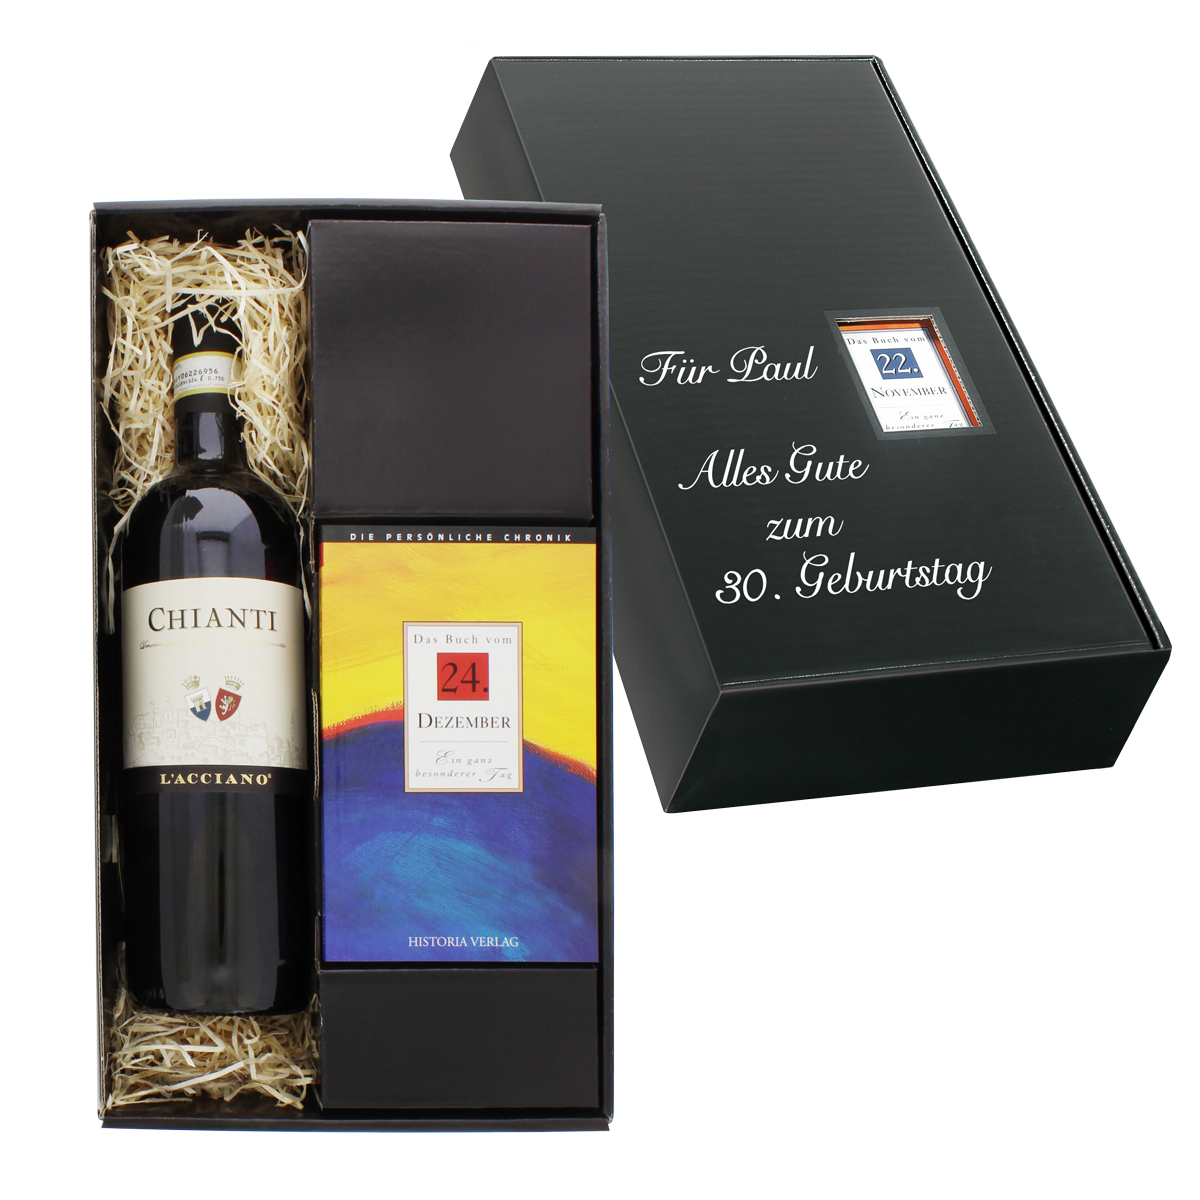 Italien-Set: Tageschronik vom 10. Mai & Chianti-Wein